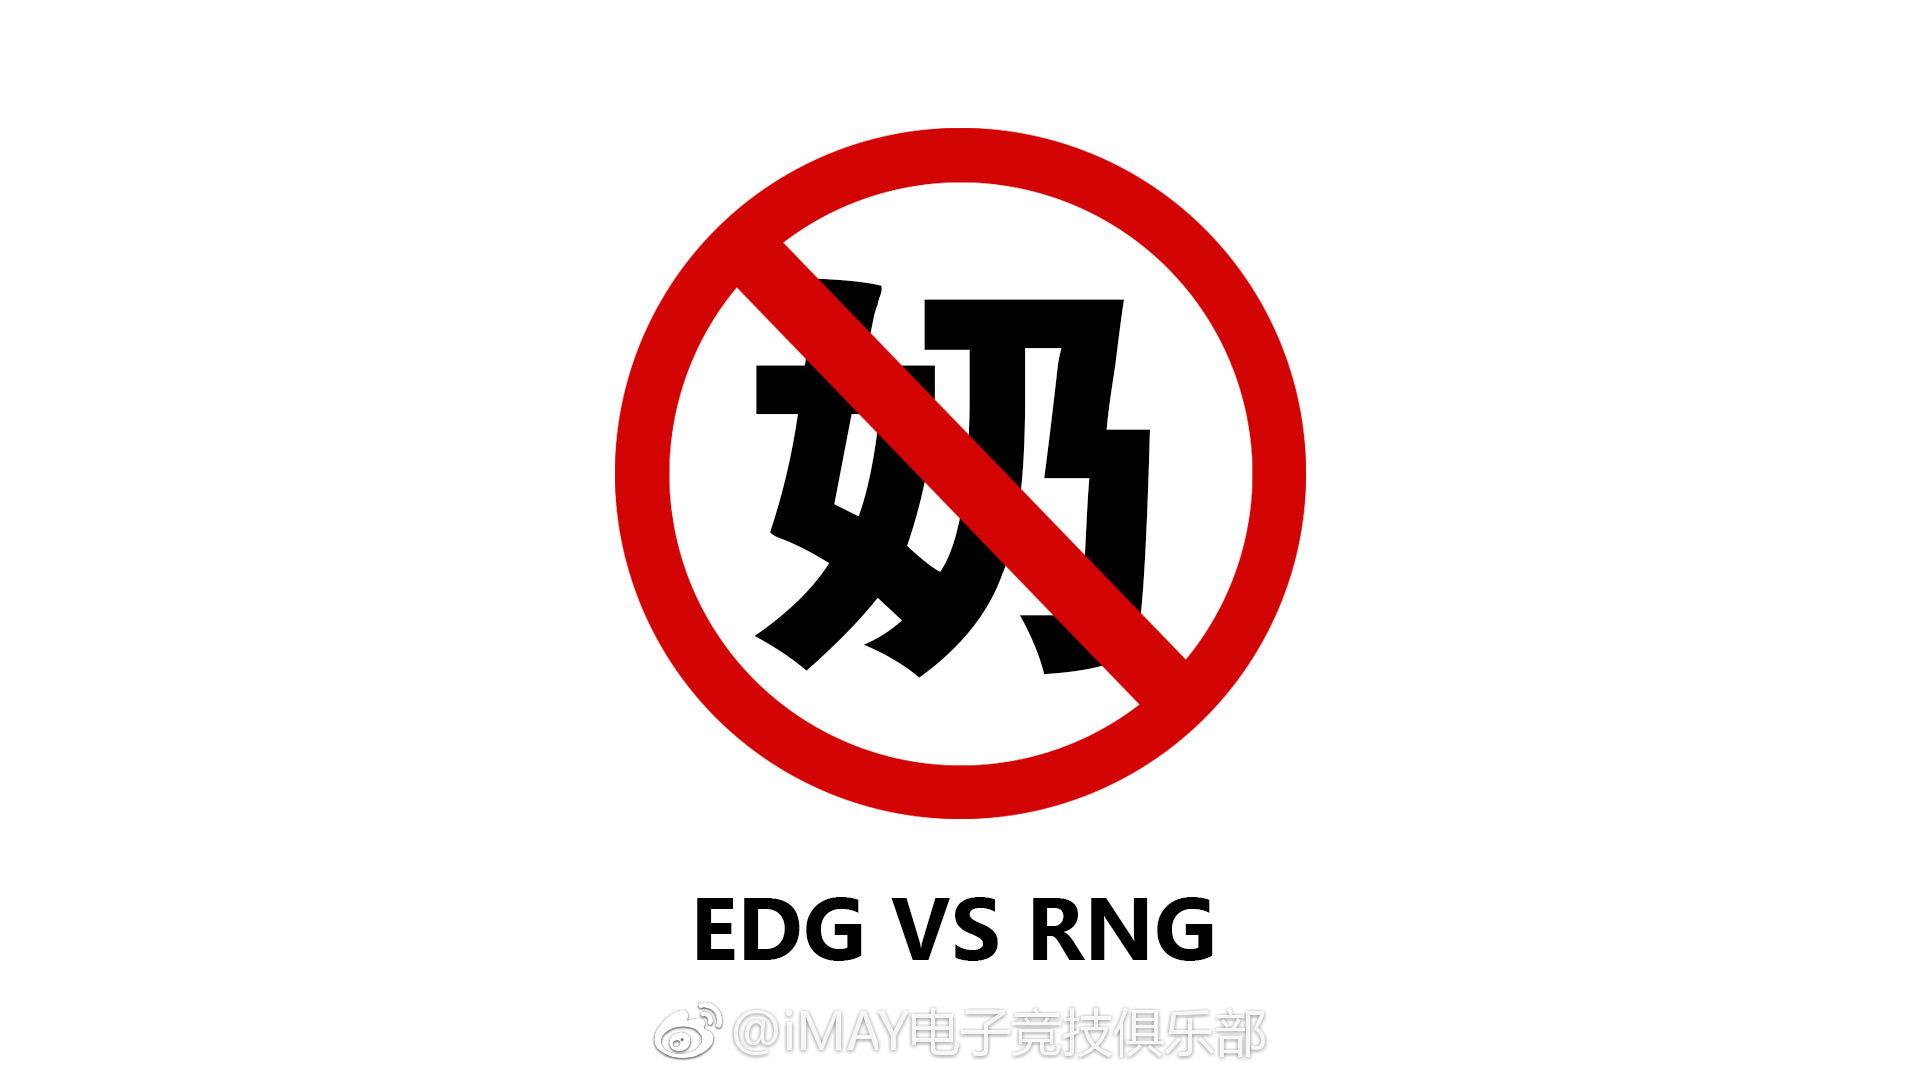 原标题:IM海报蹭热:年纪轻轻看什么EDG RNG 下午#2017LPL#决赛的两支队伍分别是@EDG电子竞技俱乐部vs@皇族电子竞技俱乐部,作为两边都有熟人的队伍,当然要#imay蹭热度#